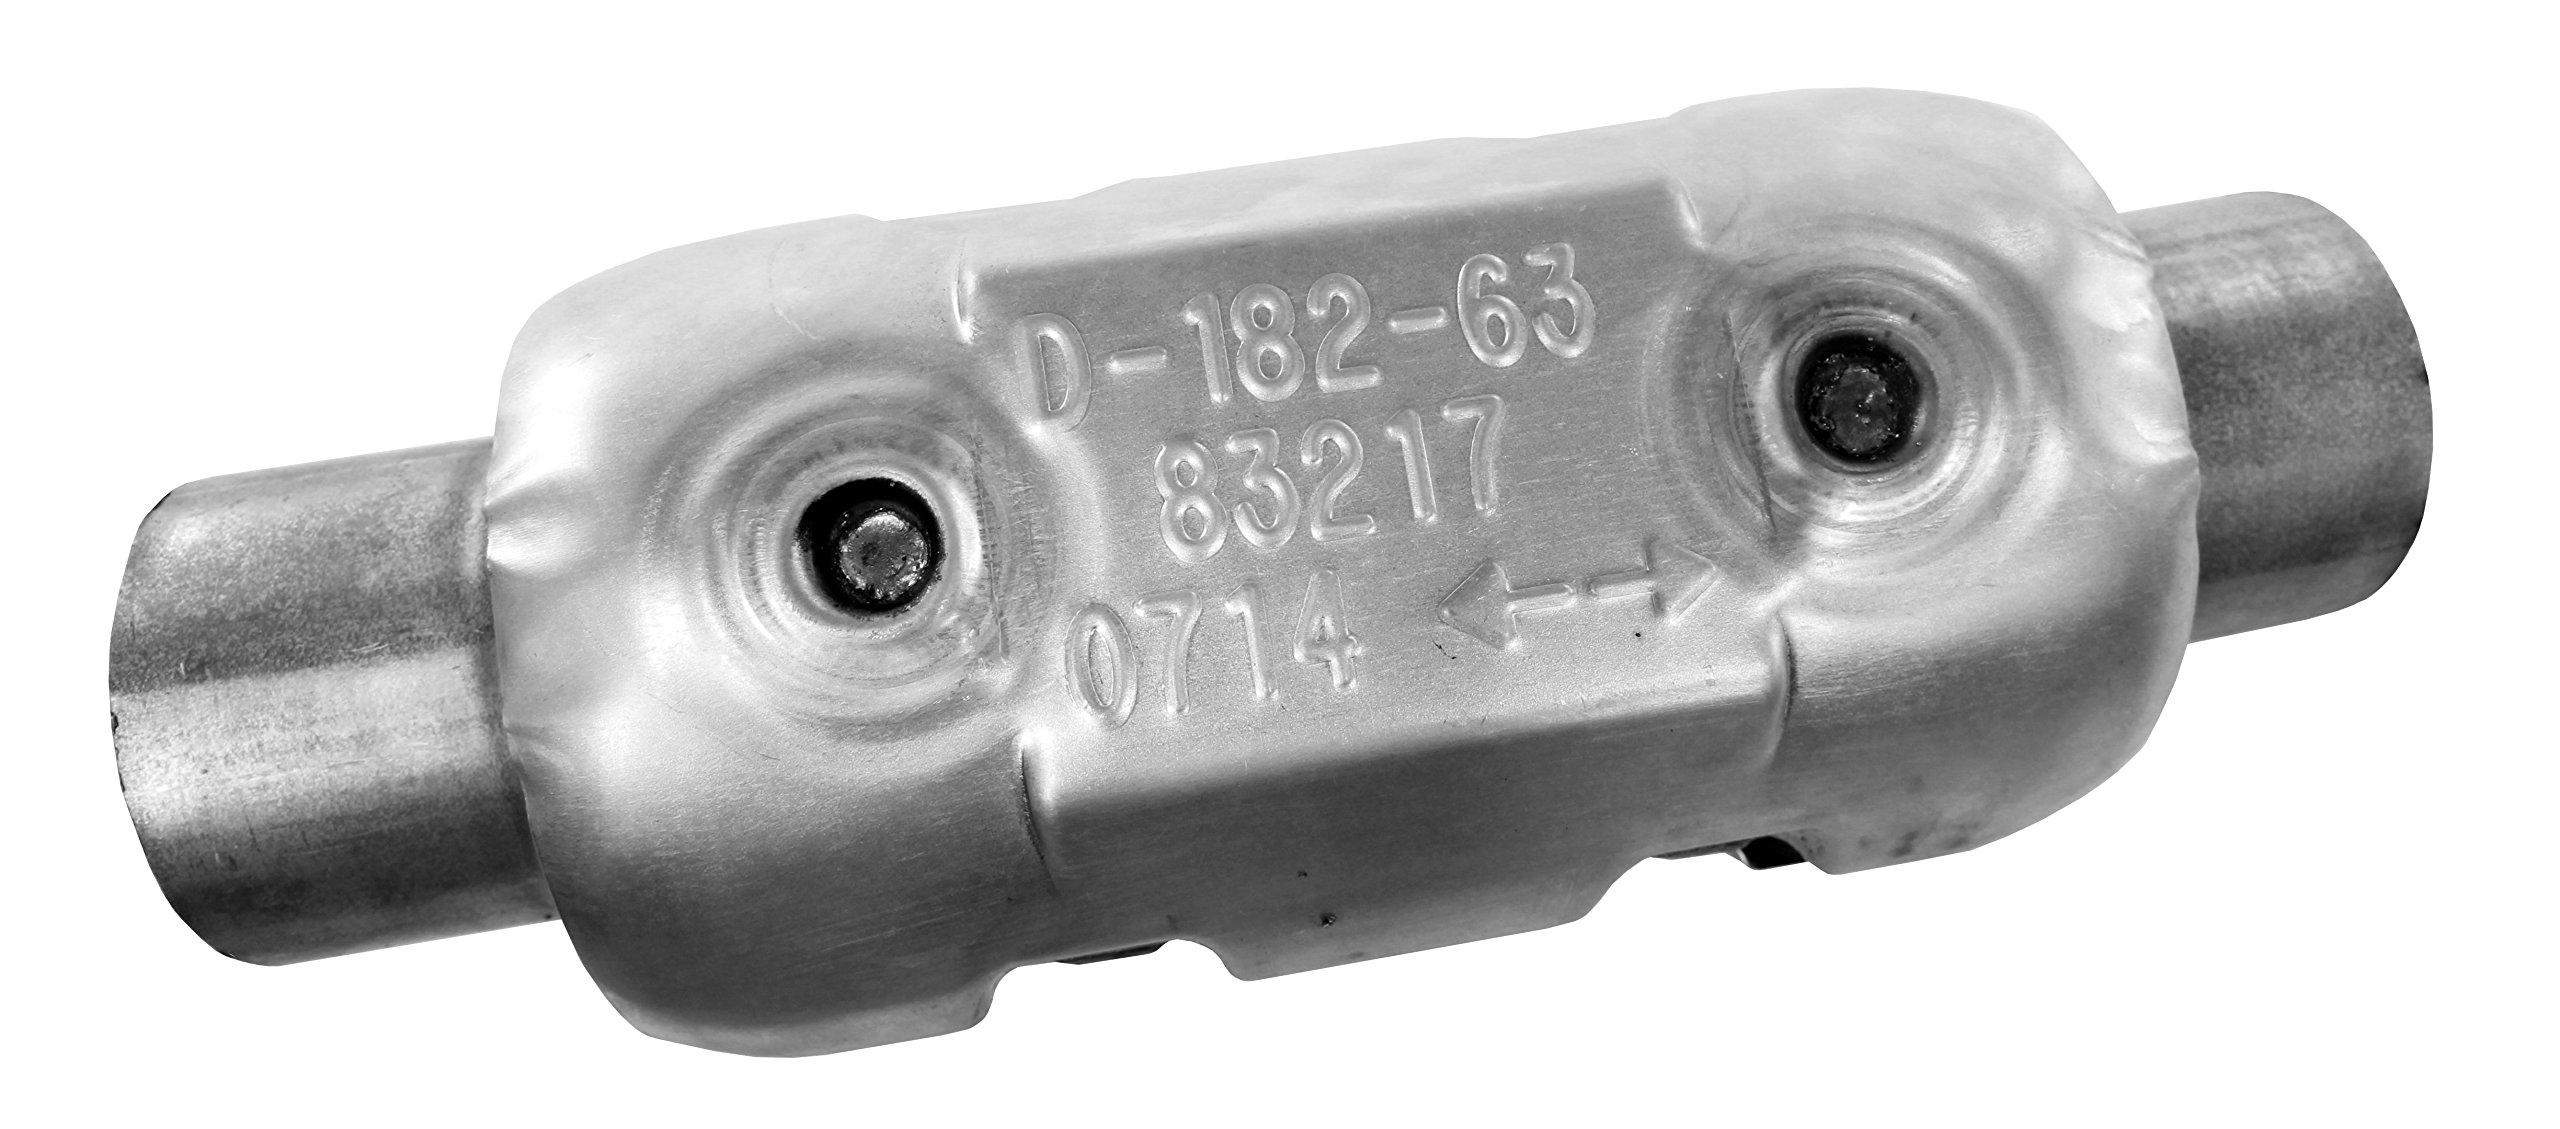 Walker 83217 Universal CalCat Catalytic Converter